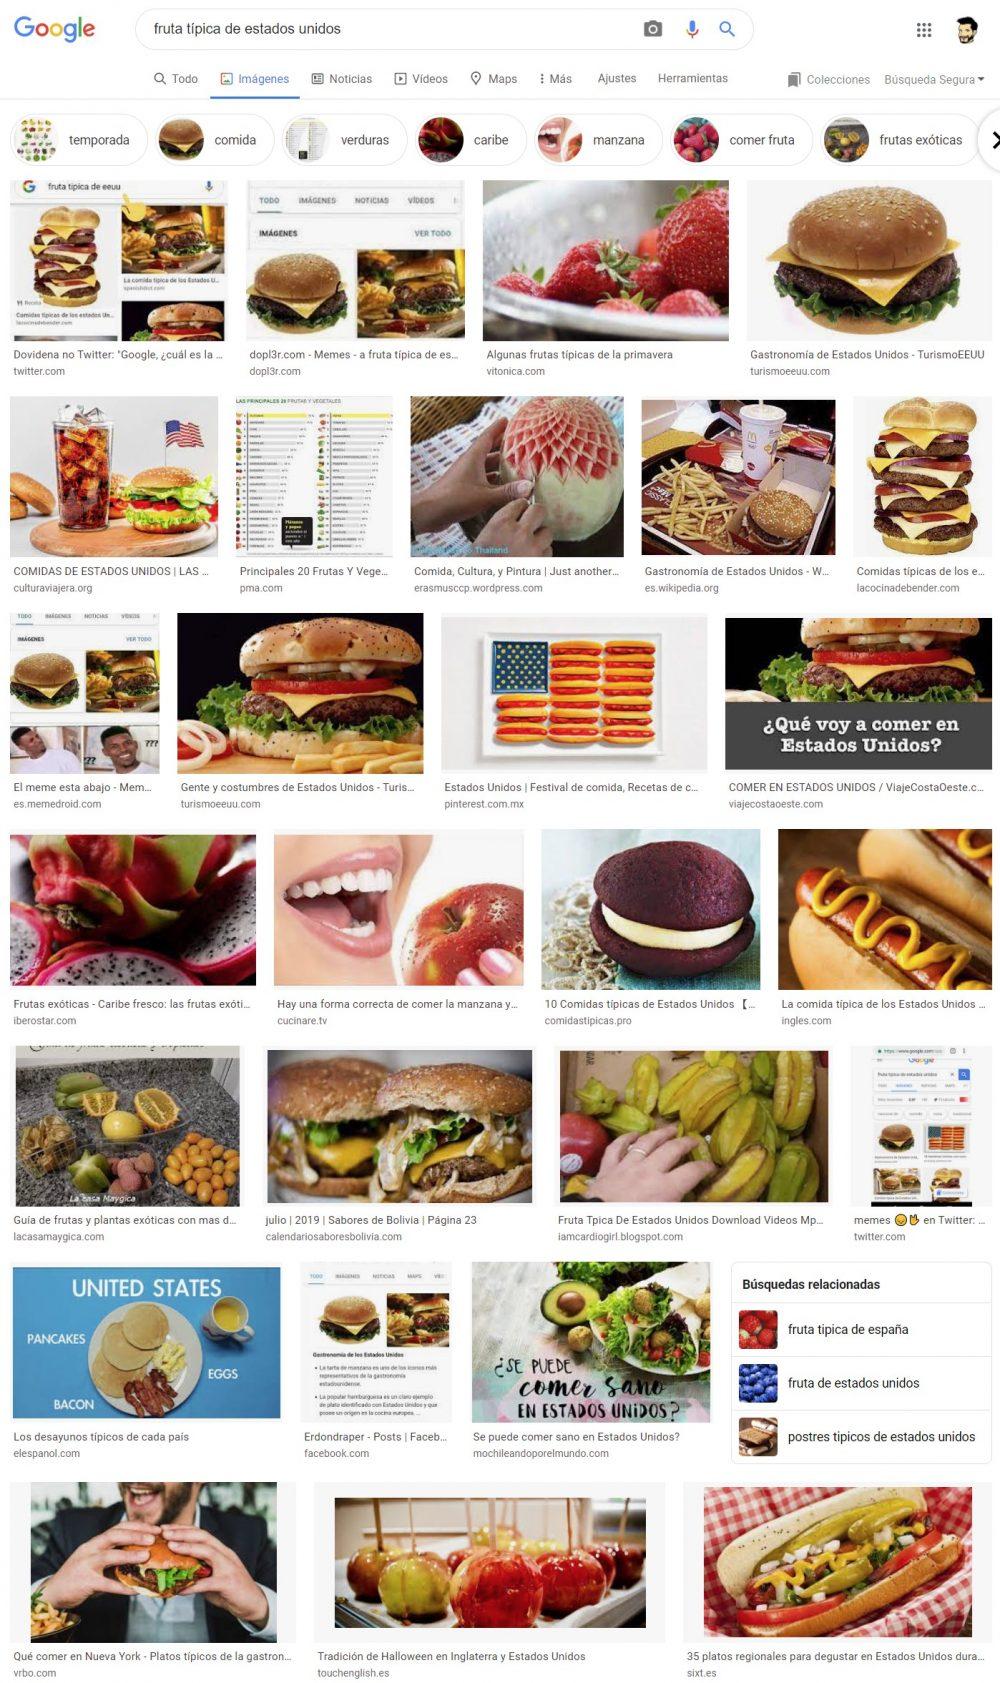 """Esto es lo que pasa si buscas """"Fruta típica de Estados Unidos"""" en Google Imágenes"""